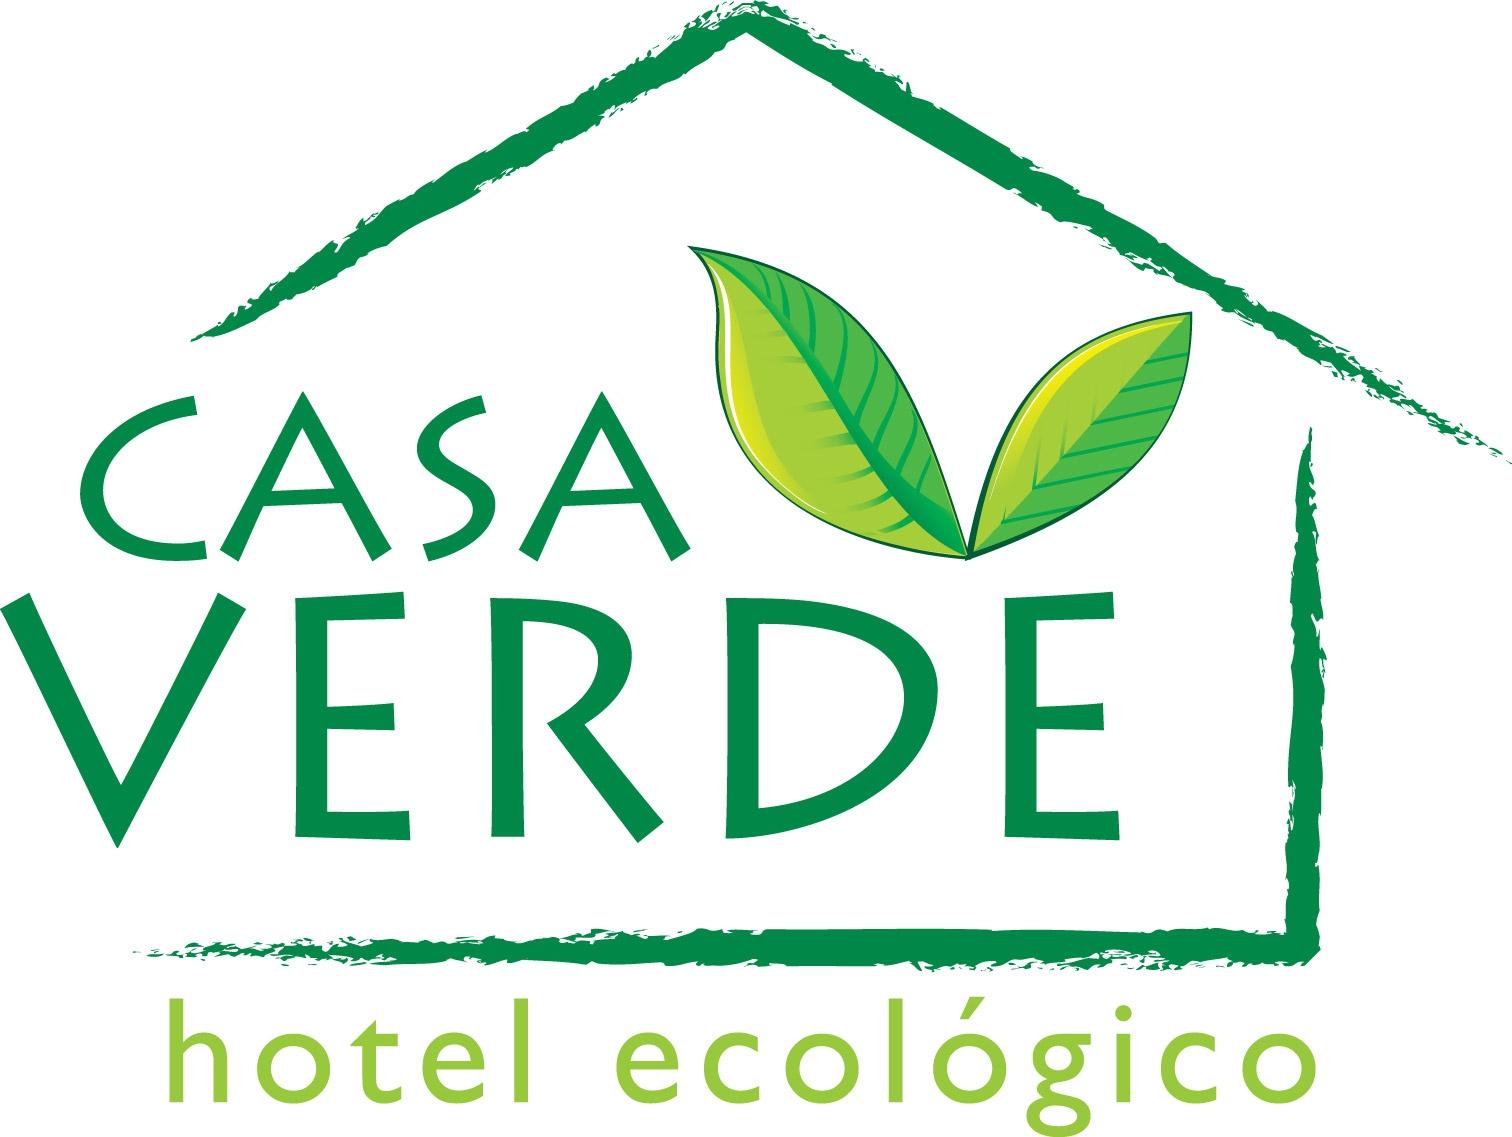 Logos casa verde hotel ecologico for Casa logo